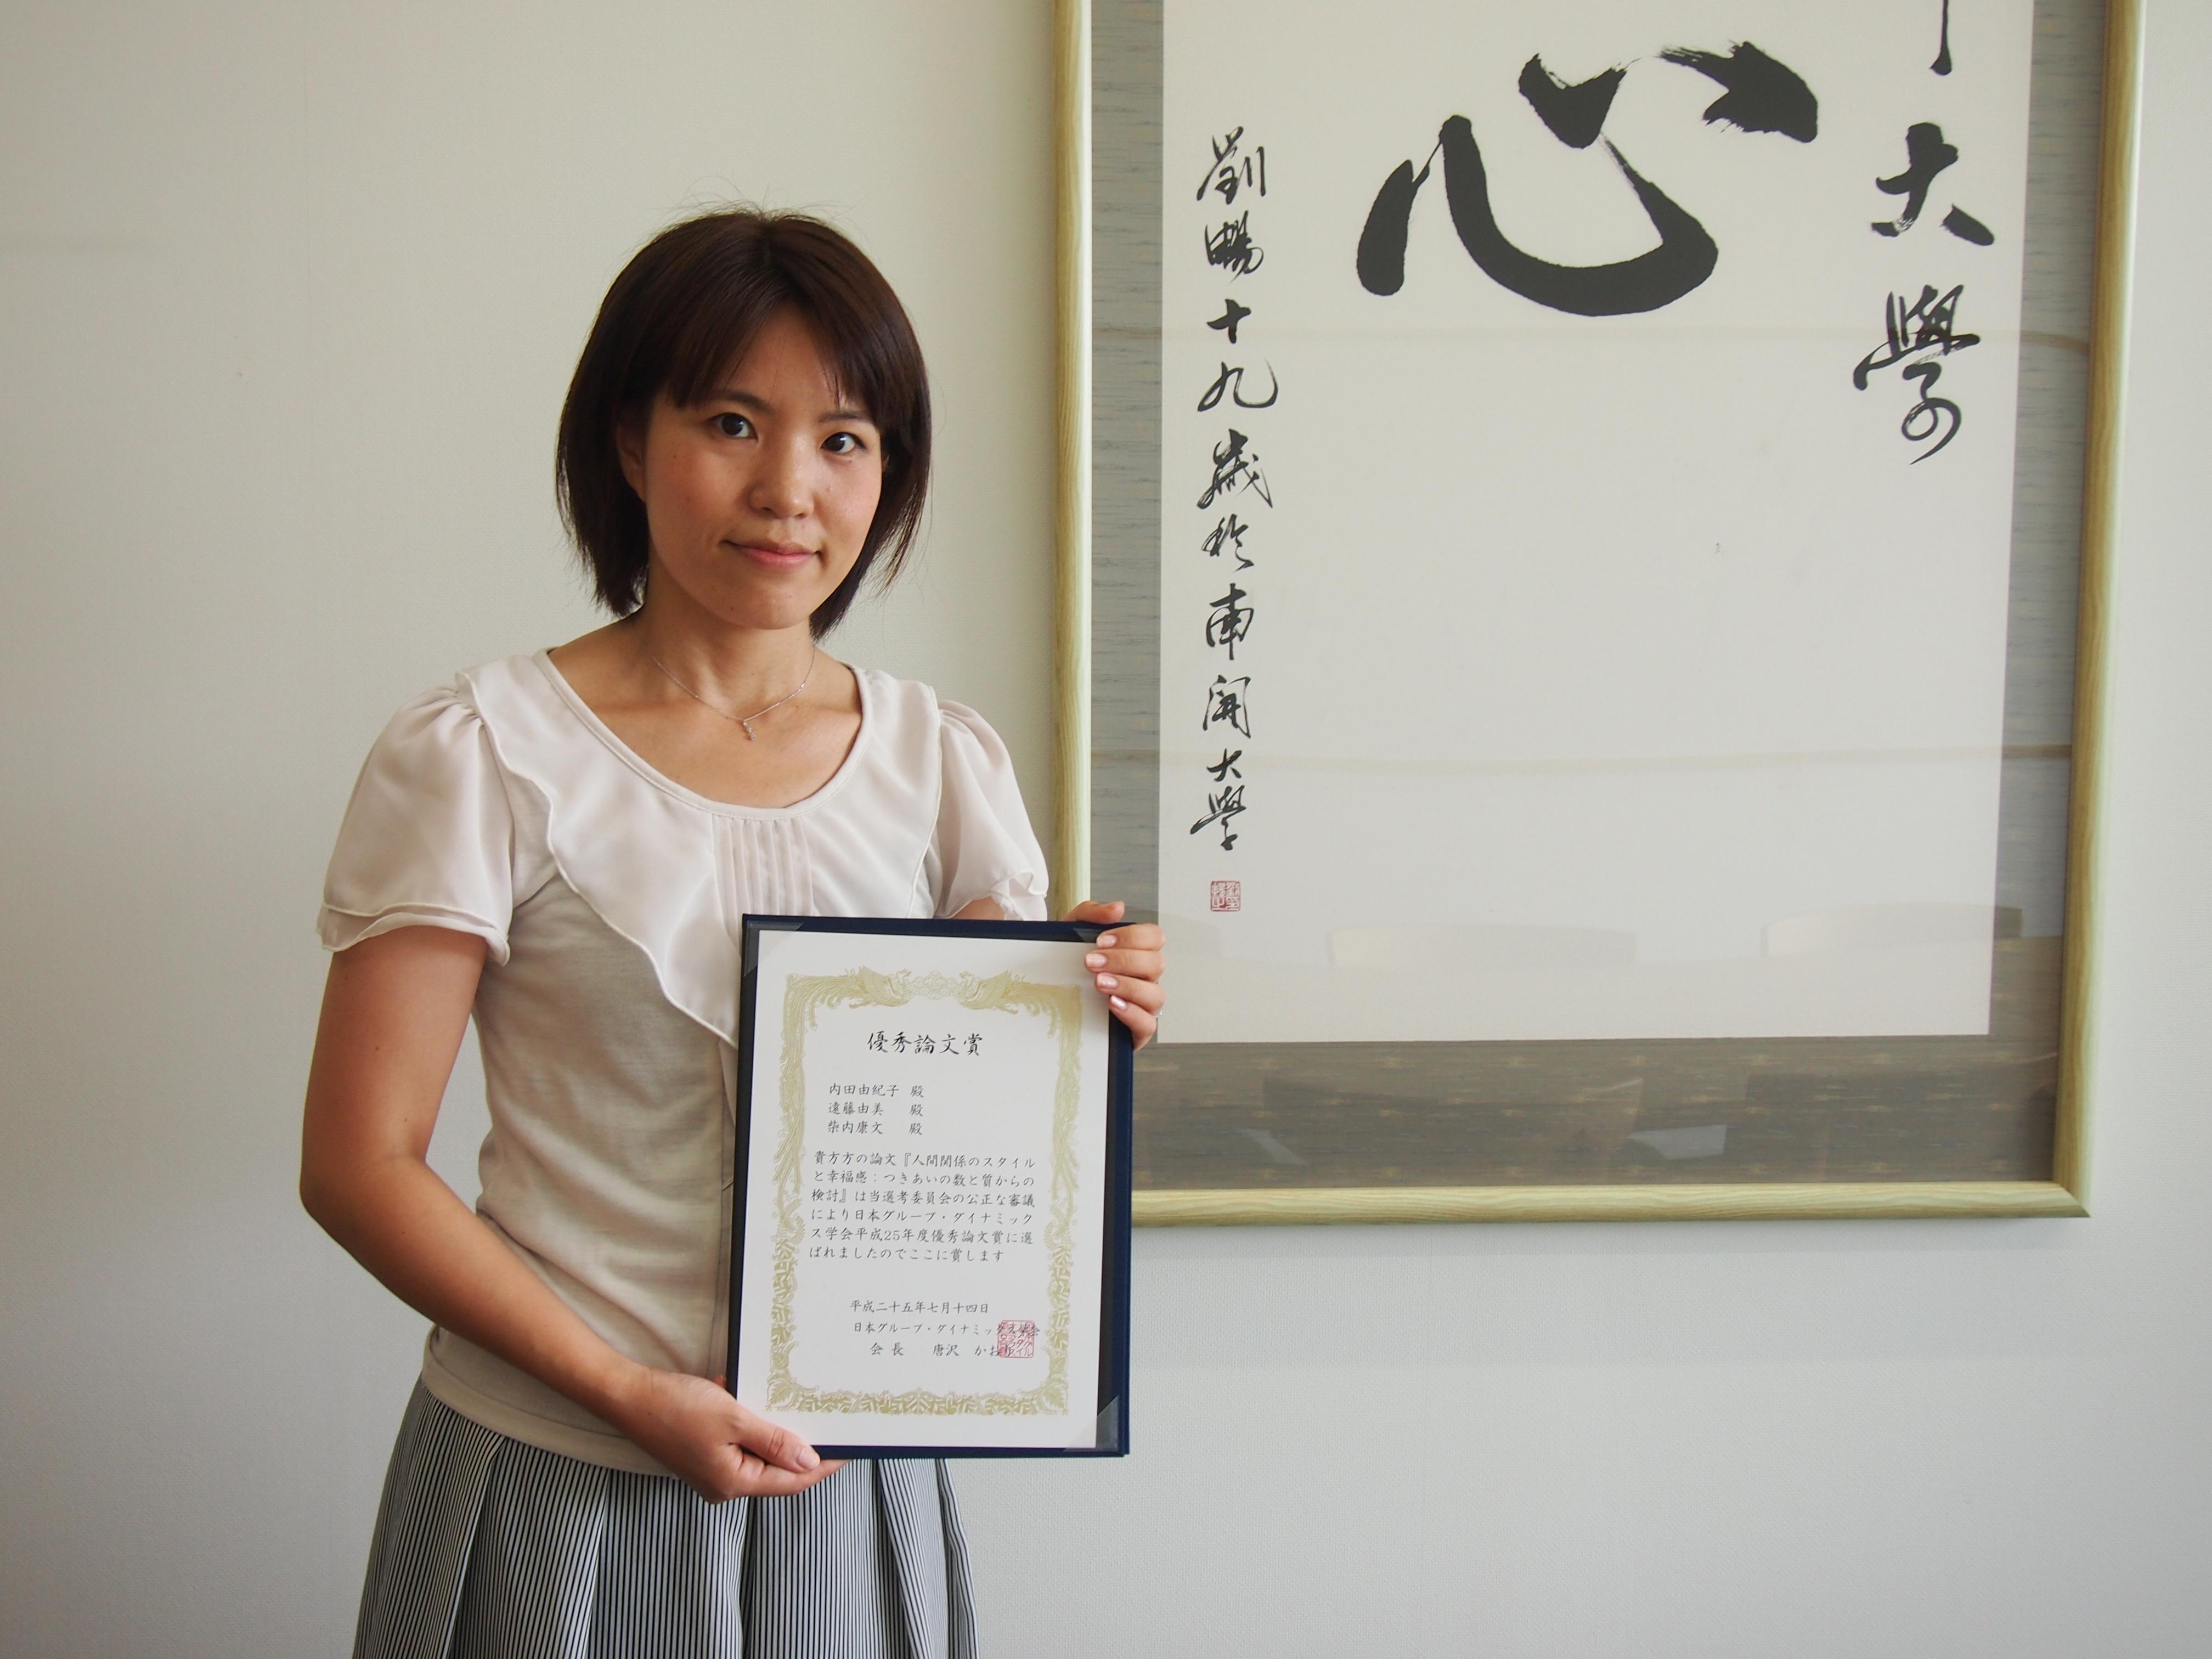 日本 社会 学会 スタイル ガイド